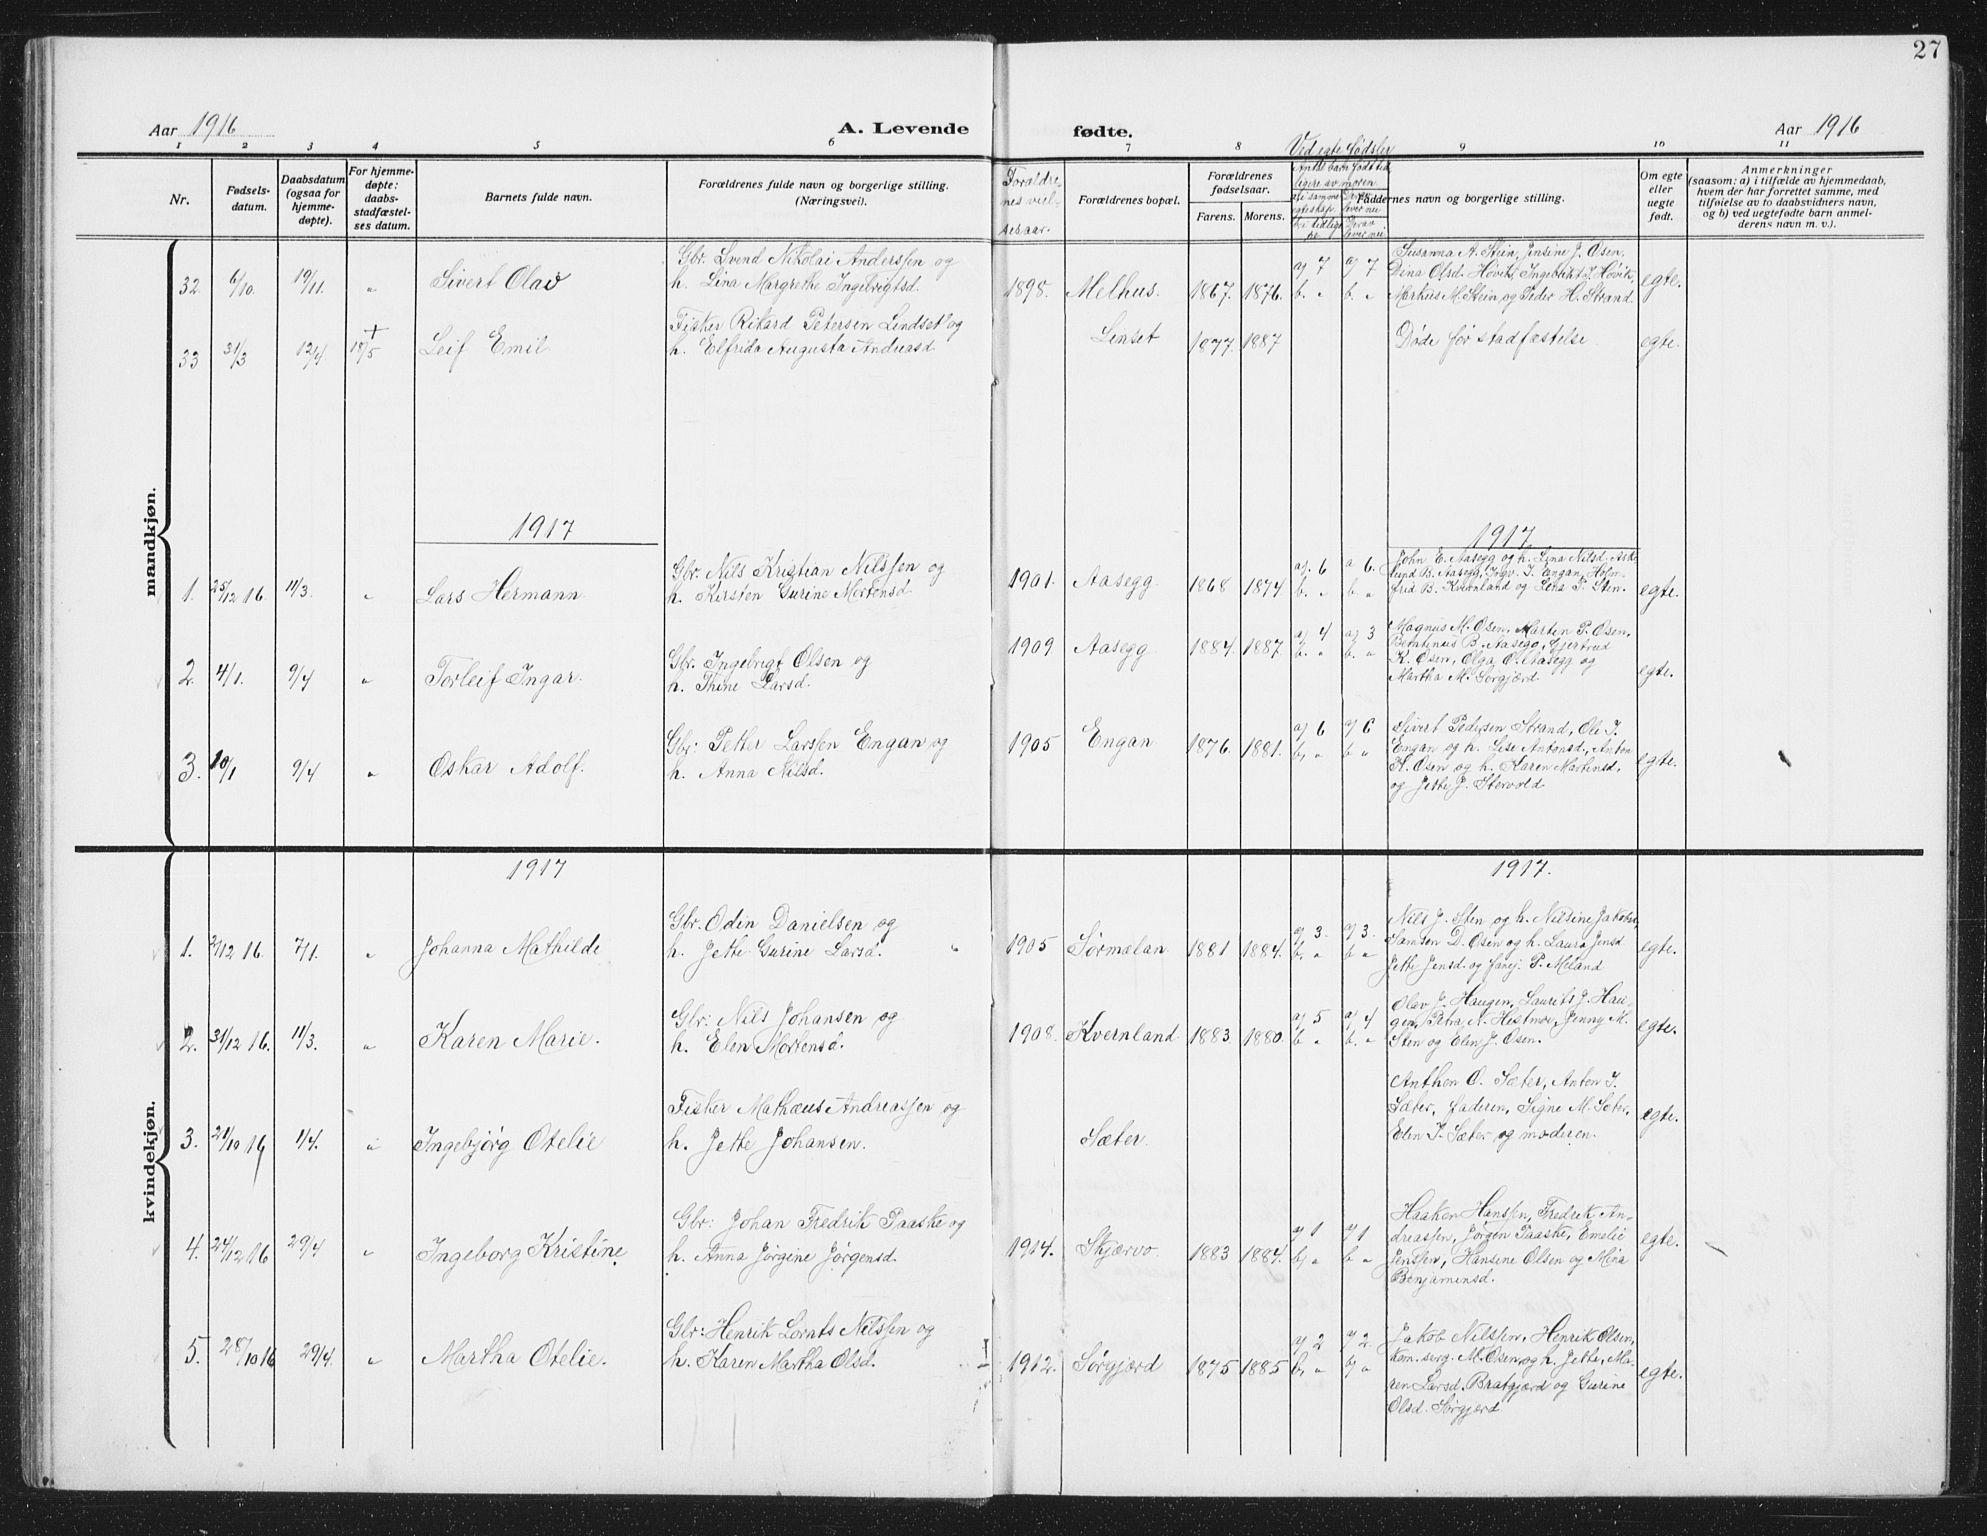 SAT, Ministerialprotokoller, klokkerbøker og fødselsregistre - Sør-Trøndelag, 658/L0727: Klokkerbok nr. 658C03, 1909-1935, s. 27